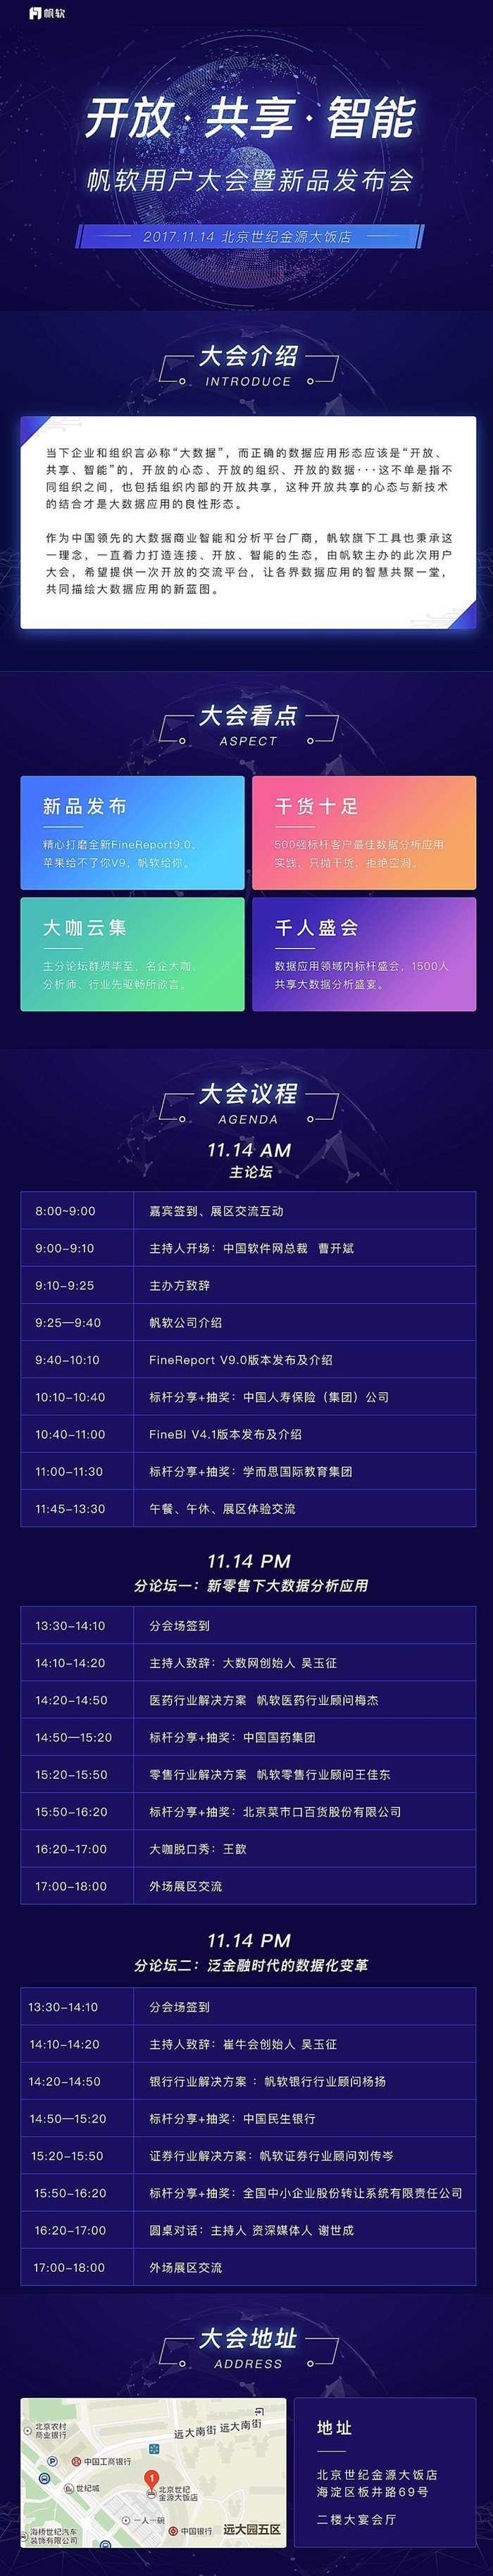 北京新品发布会主题网页2(2)_副本_副本1.png